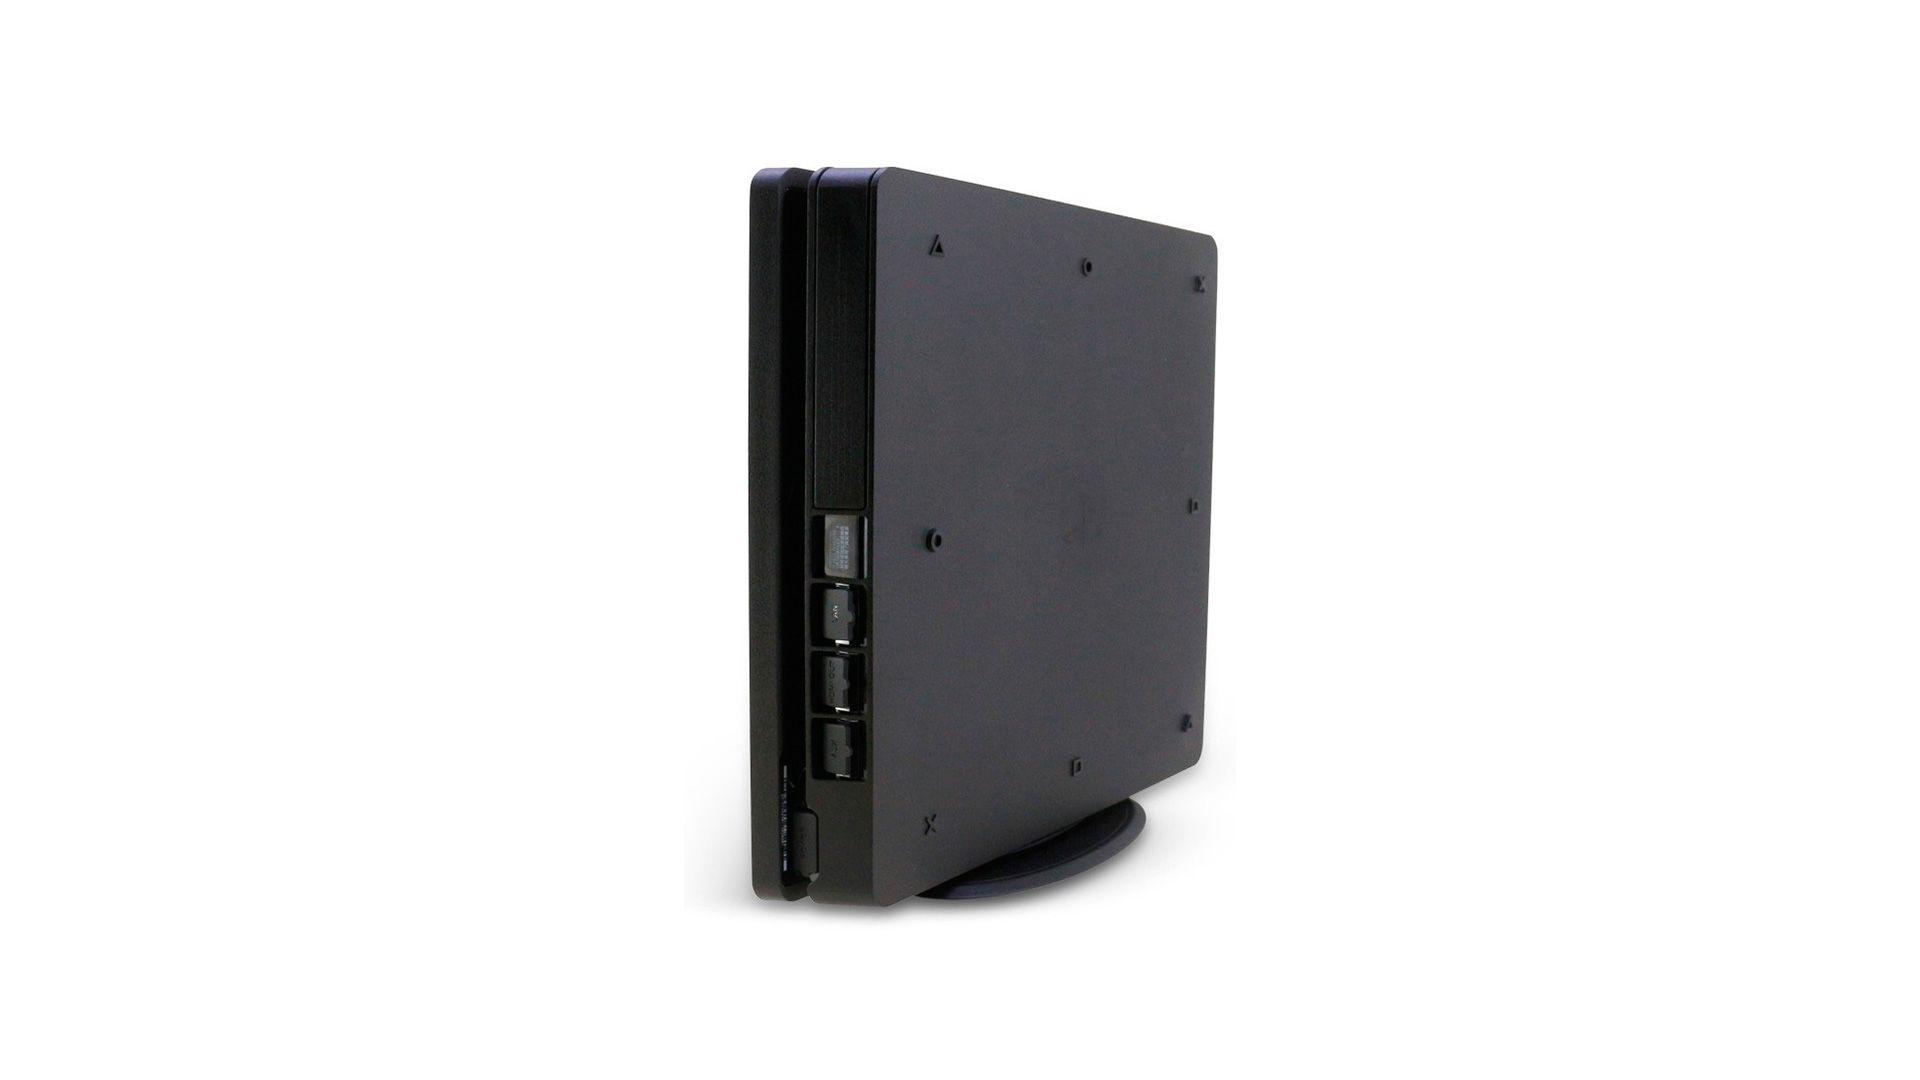 Вертикальный стенд PlayStation 4 slim изображение 2